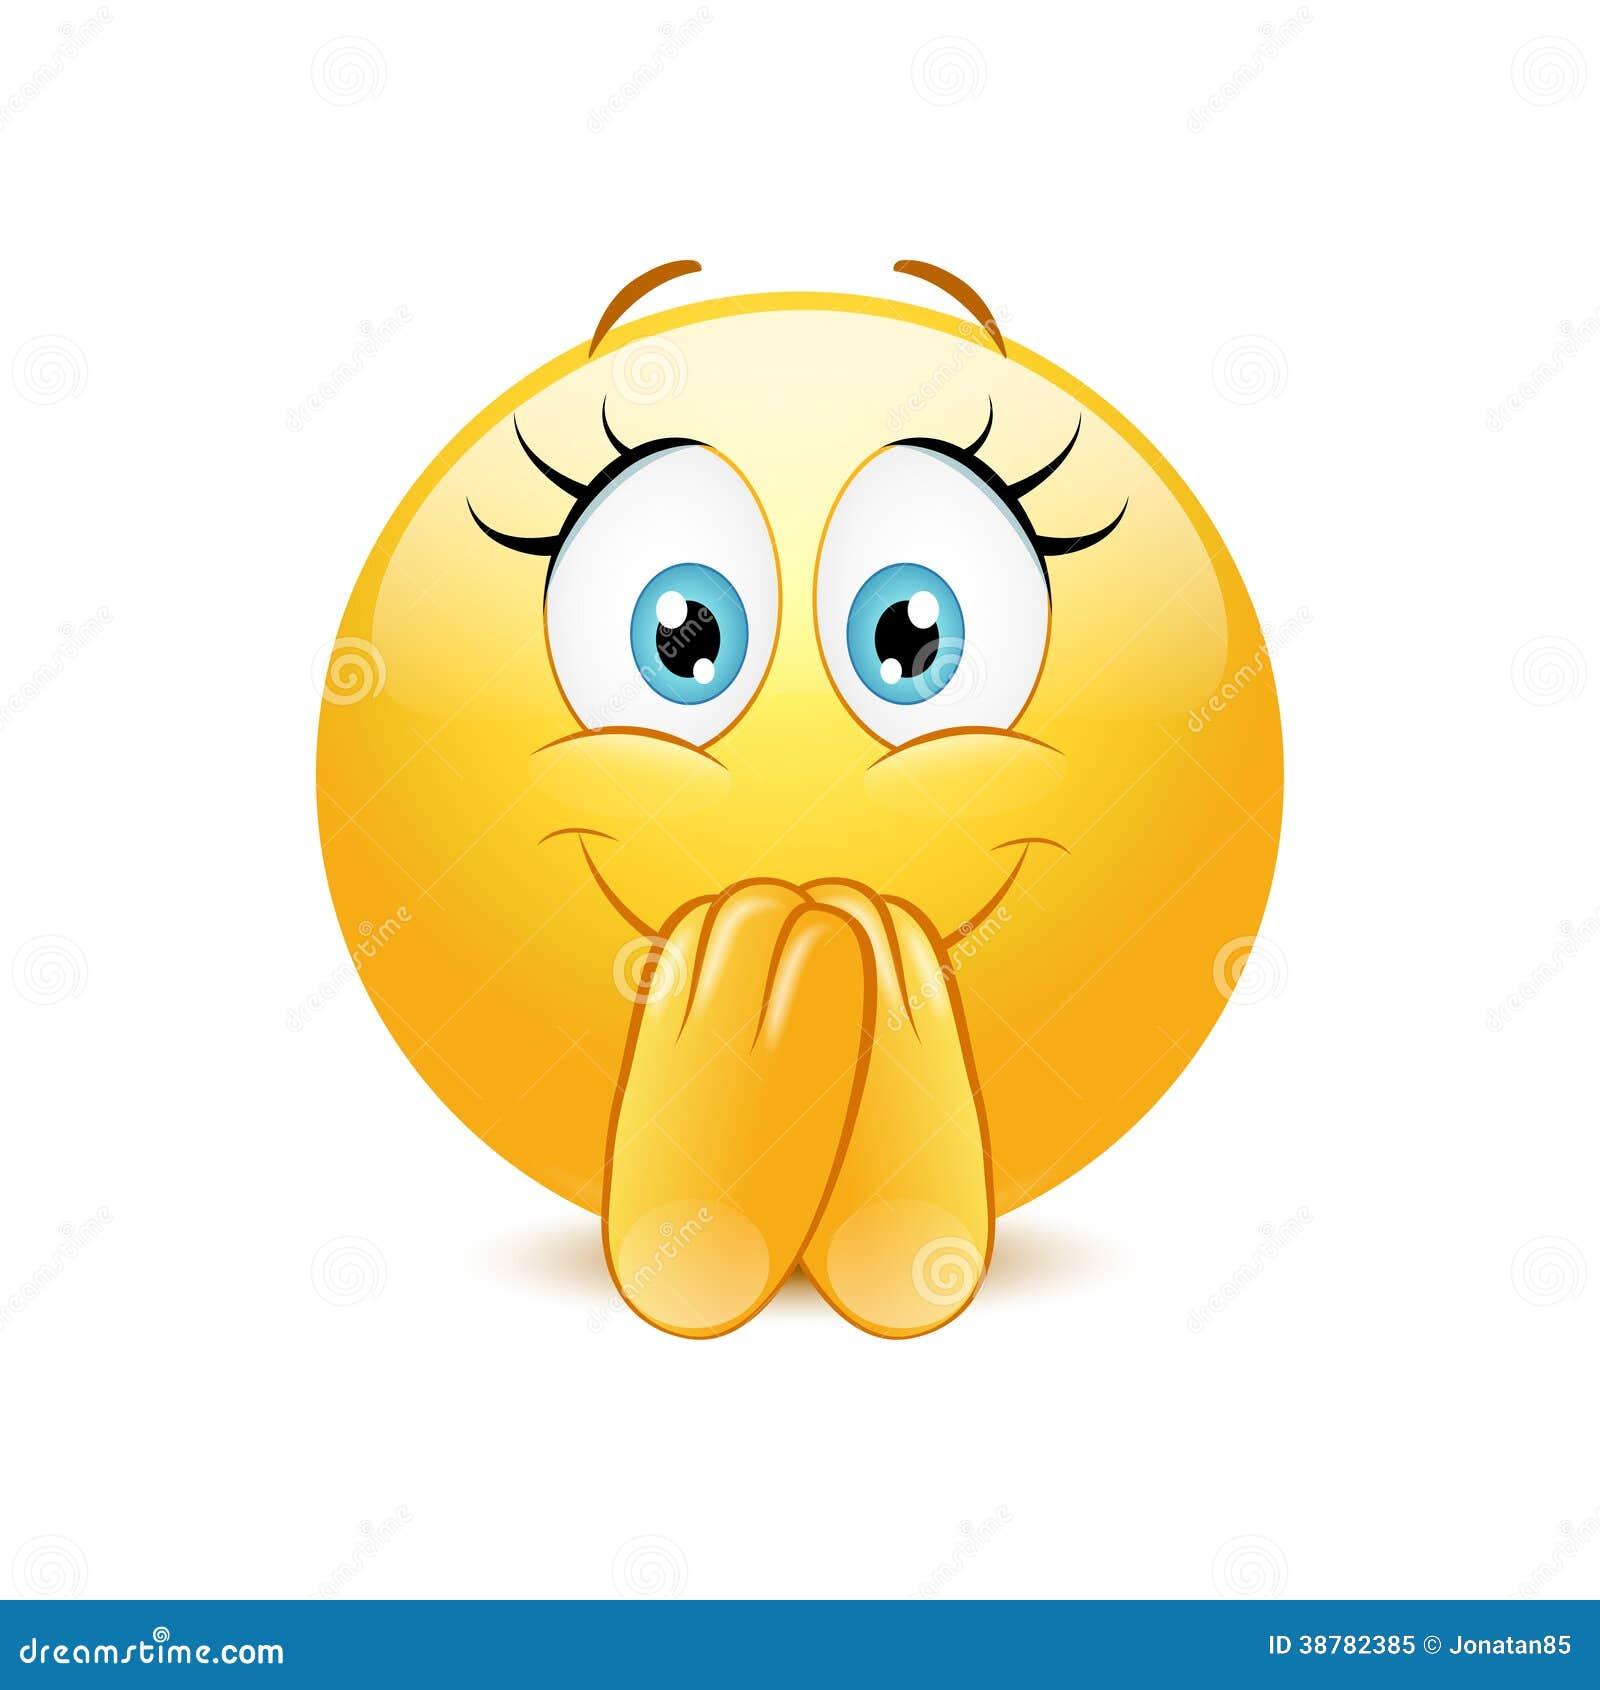 Aufgeregter Emoticon Vektor Abbildung Bild 38782385